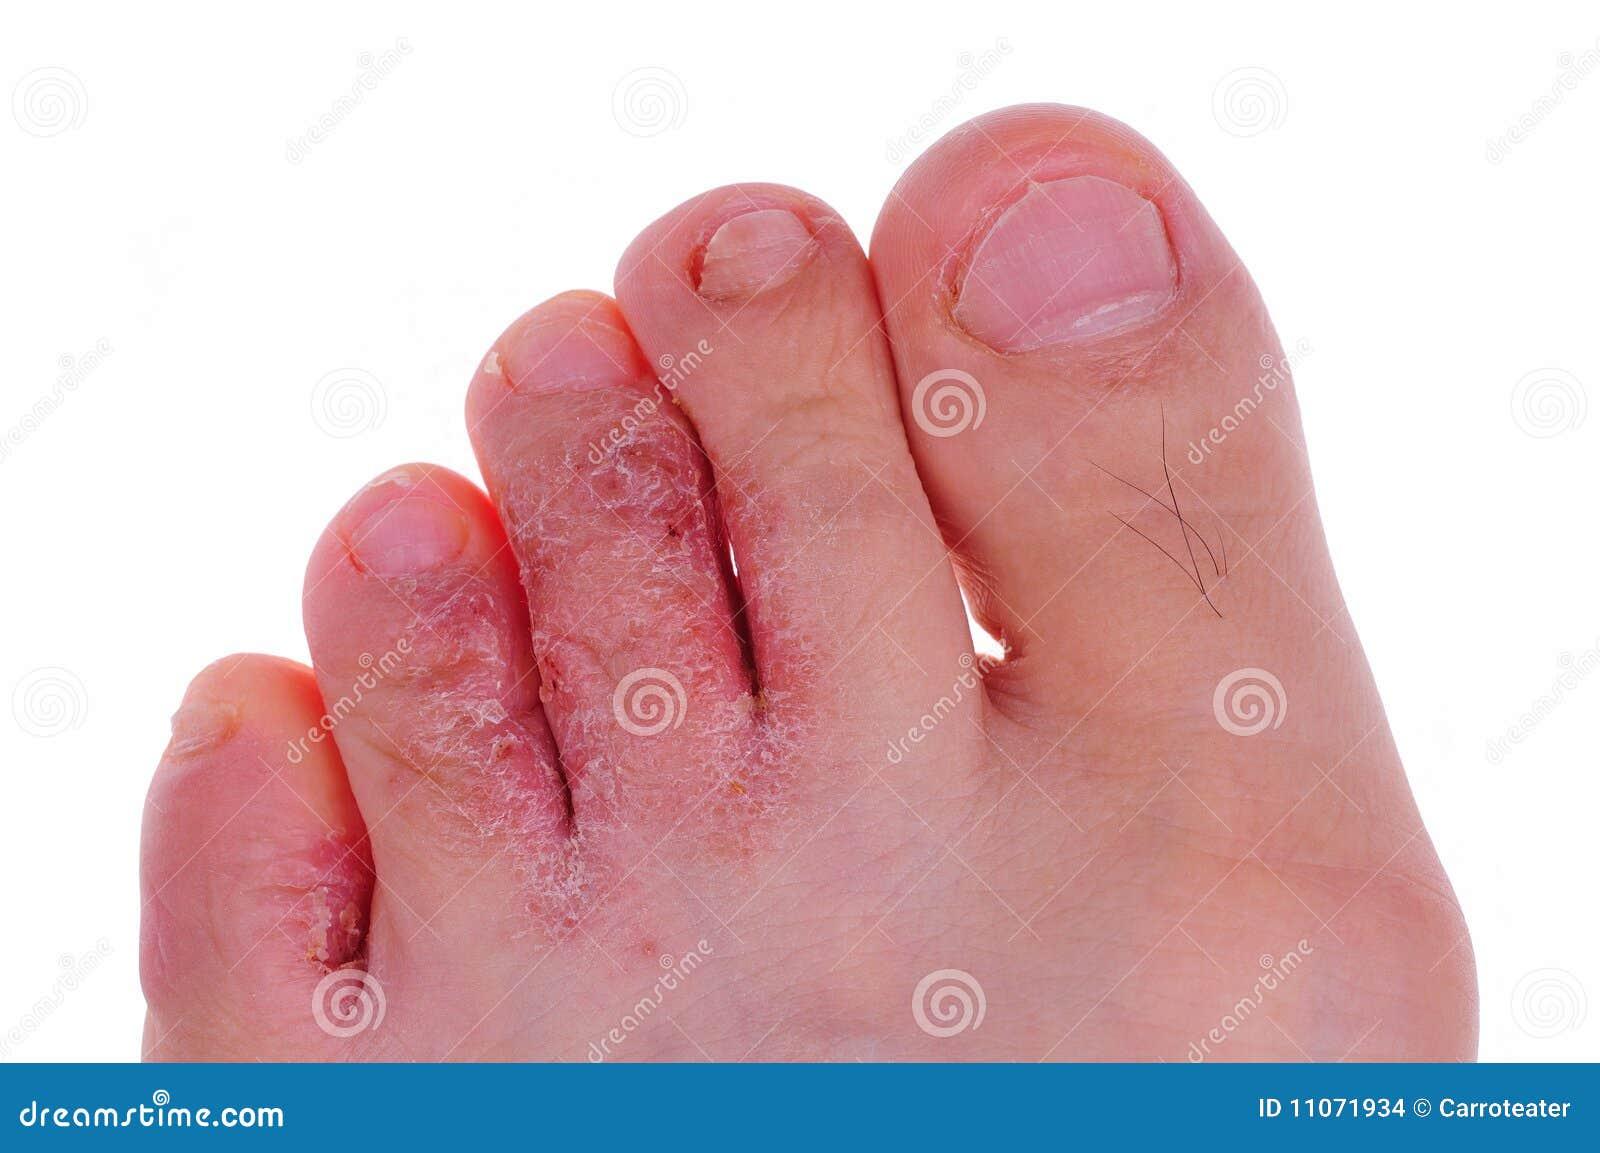 Il fungo su unghie per liberarsi